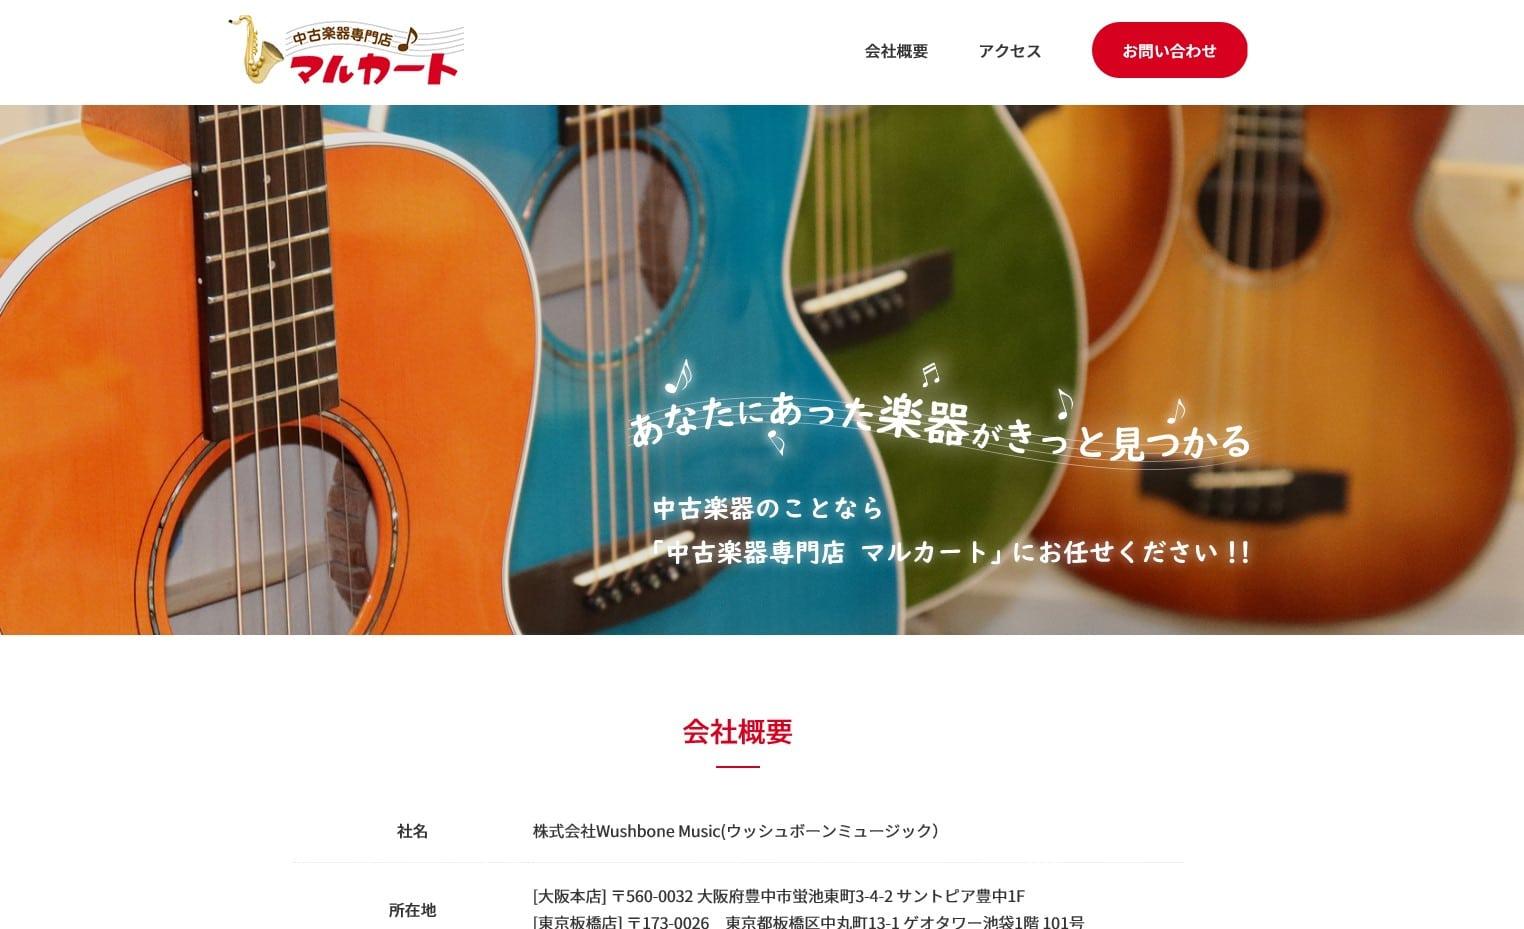 マルカート東京店